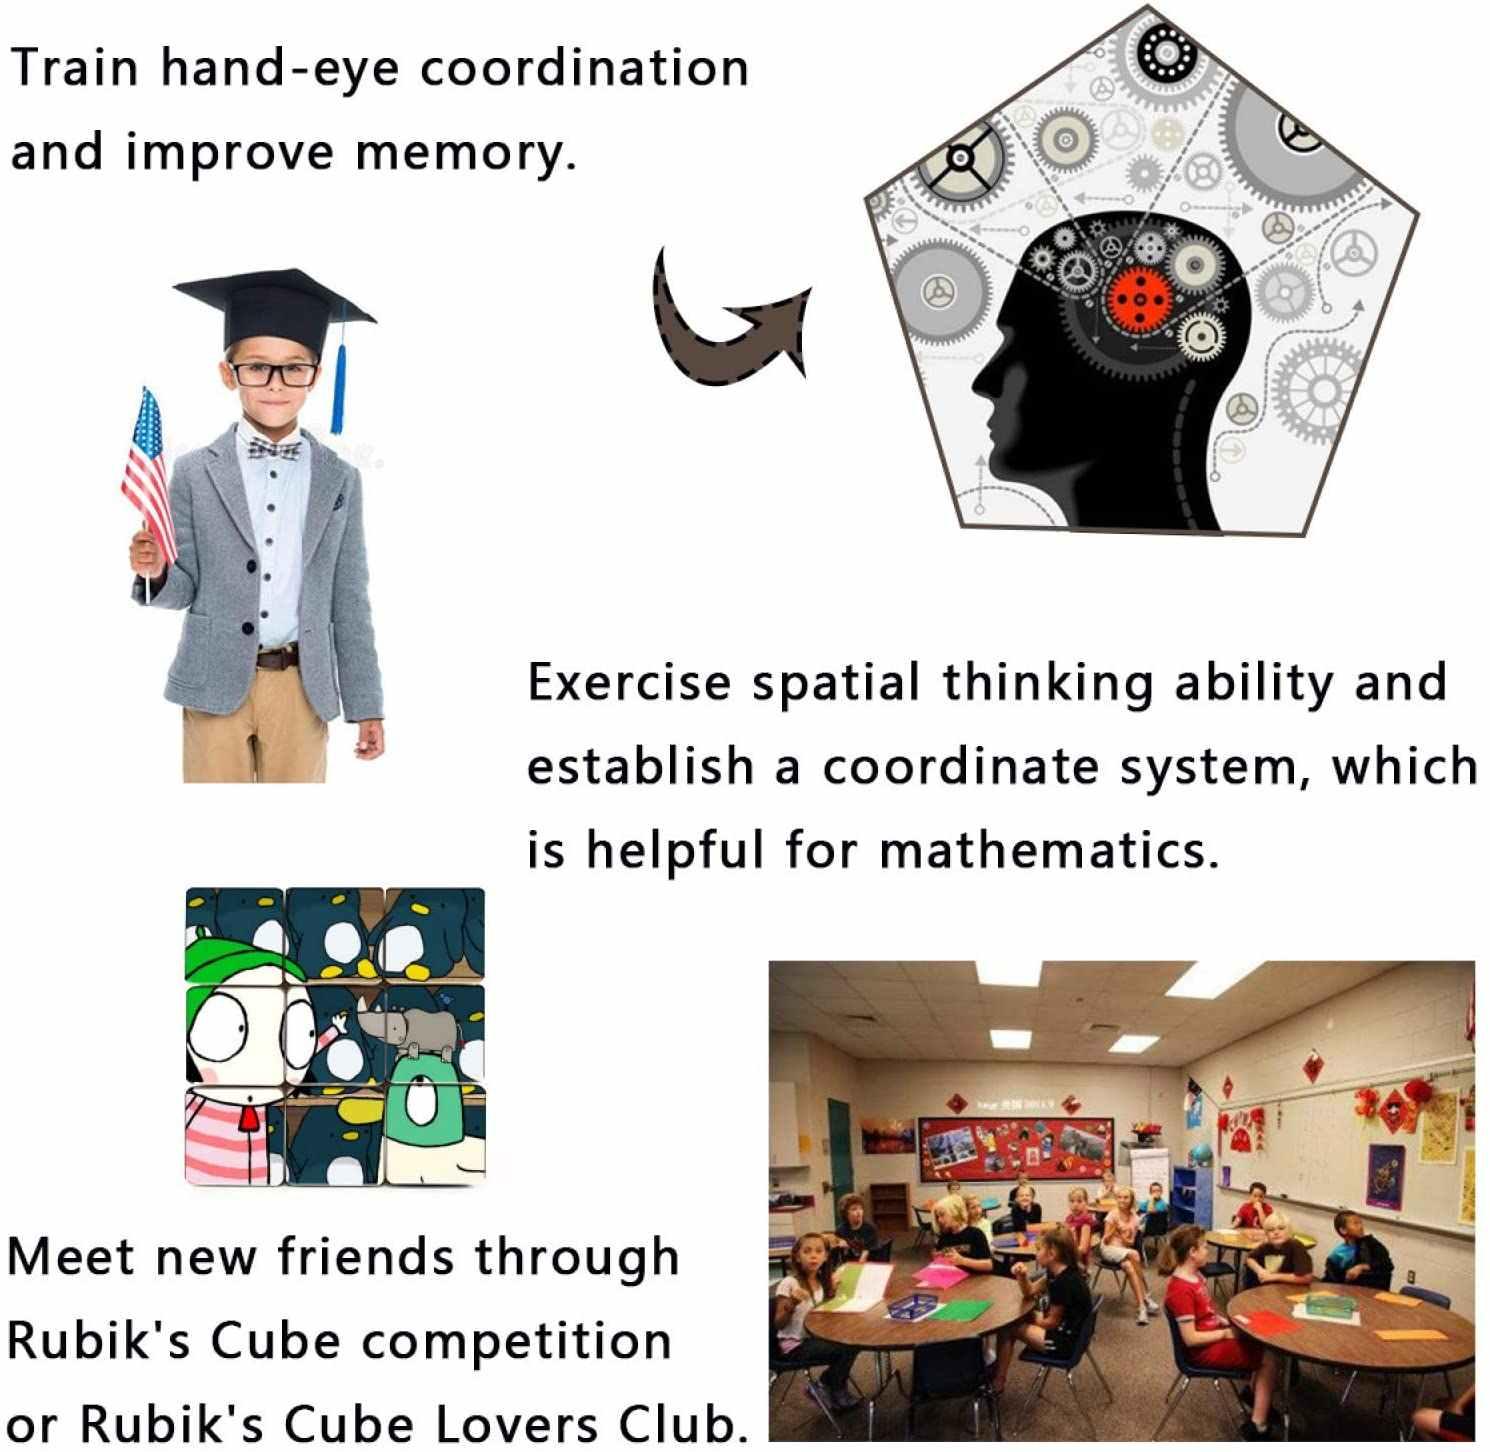 Куб Sa-rah-And-Du-ck третьего заказа, интеллектуальное развитие, творческая личность, дизайн кубика, Веселый интеллект